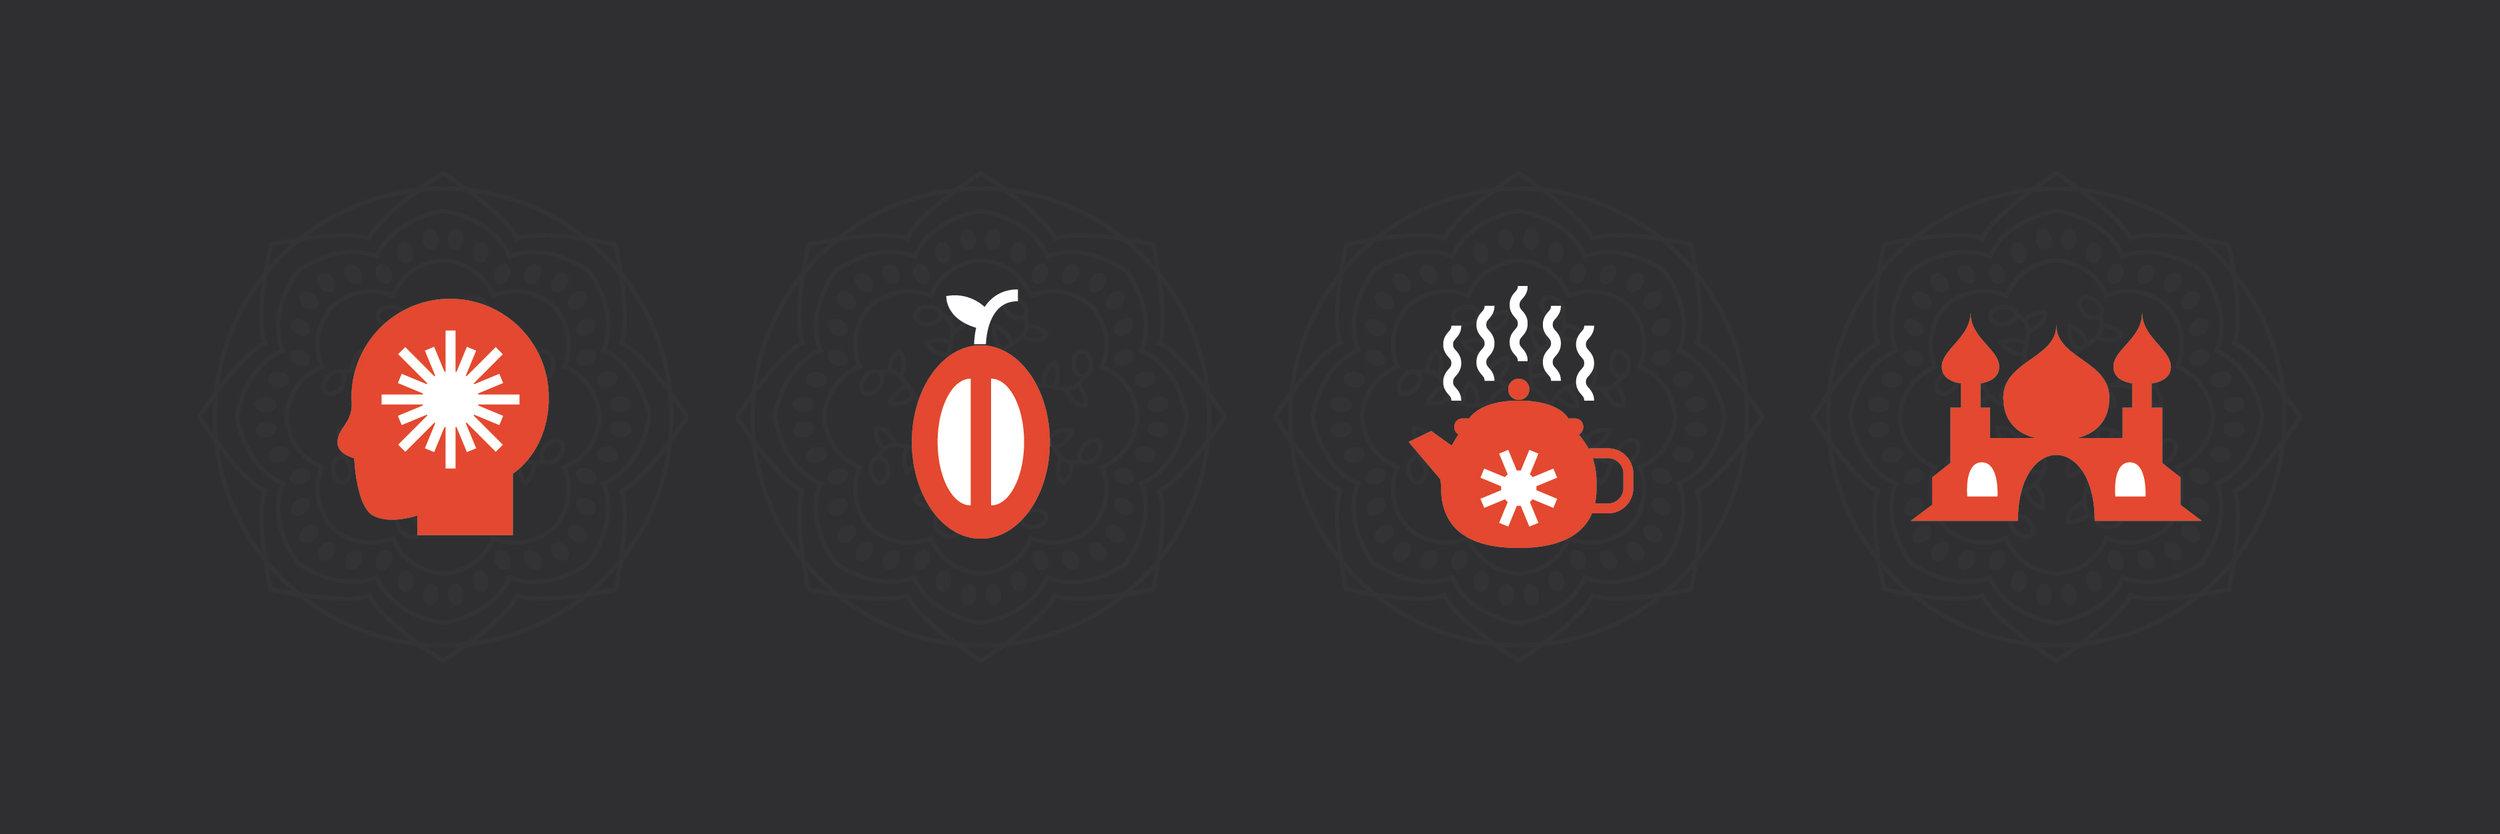 Kishr_Graphics_Icons.jpg